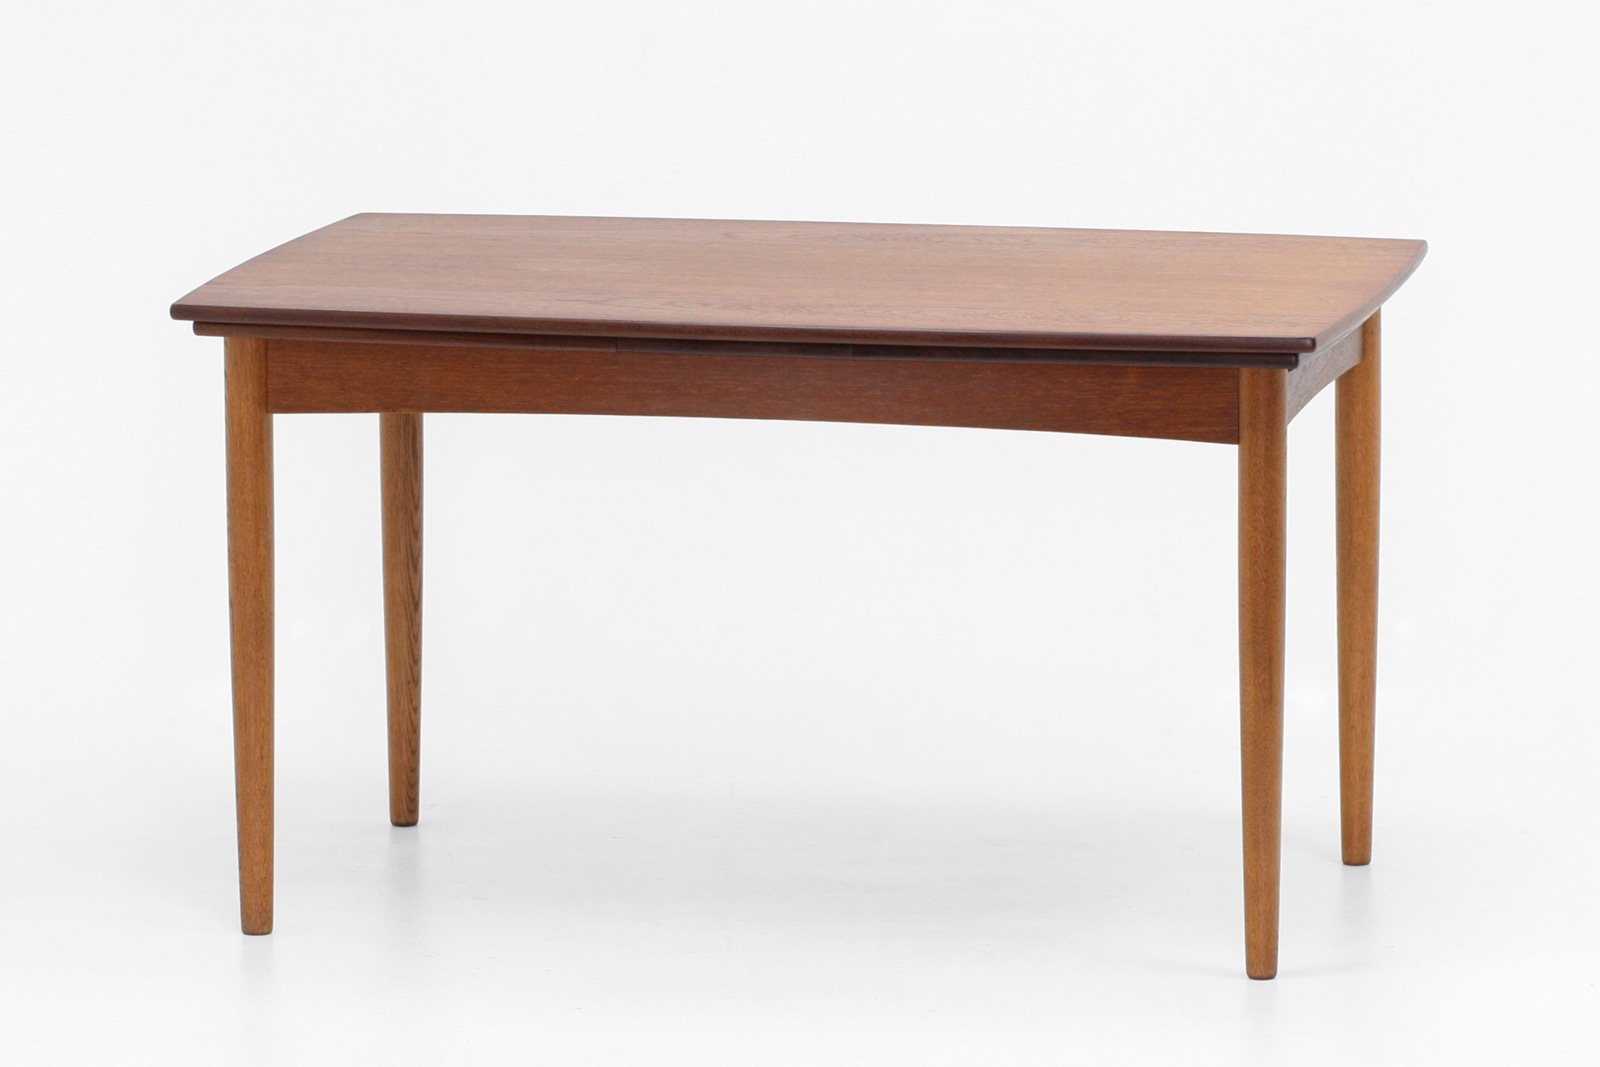 デンマーク,ダイニングテーブル,ヴィンテージ,伸長式,135cm